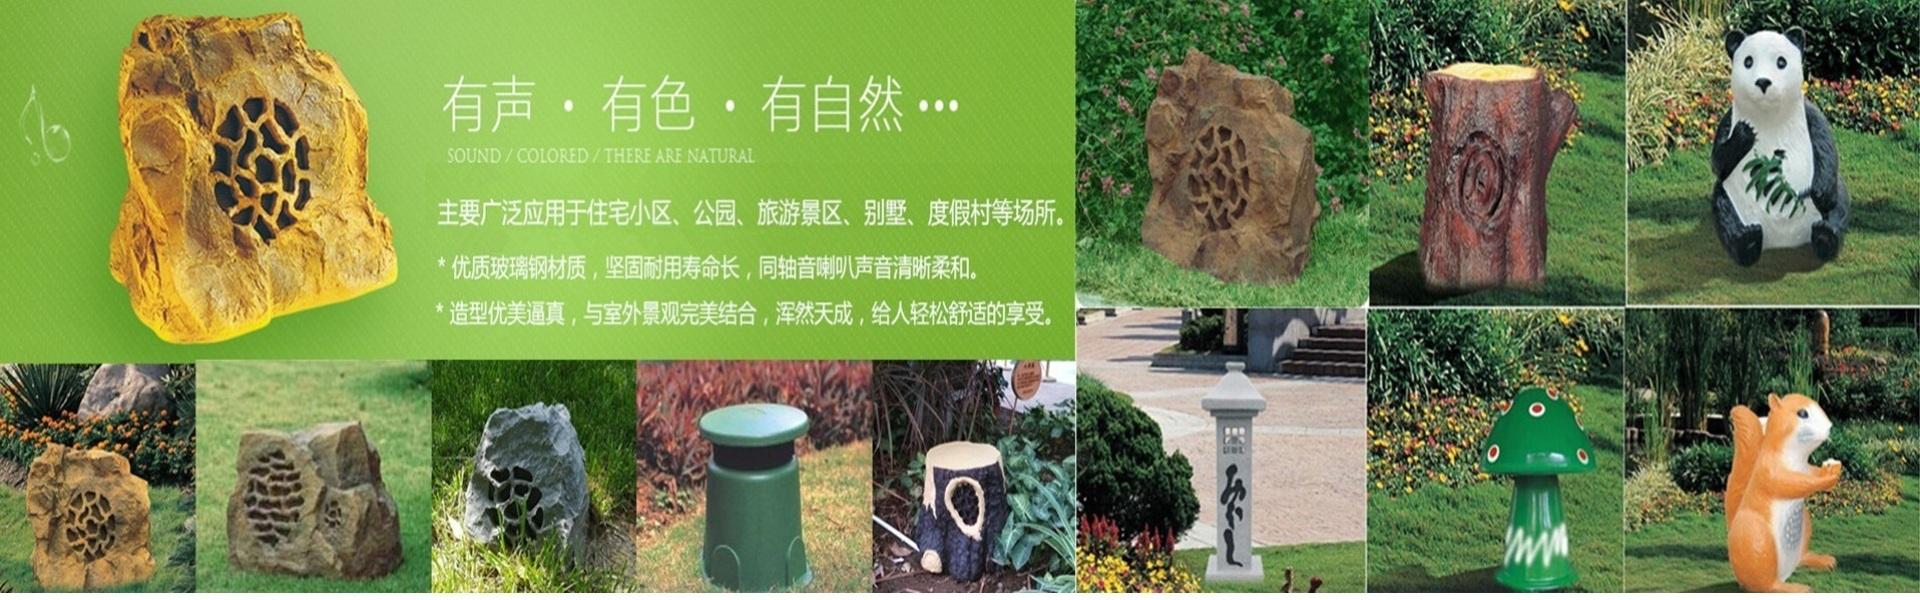 小区背景音乐系统,公园景区背景音乐,草地音箱,室外草地扬声器,园林景观音箱,园林音响